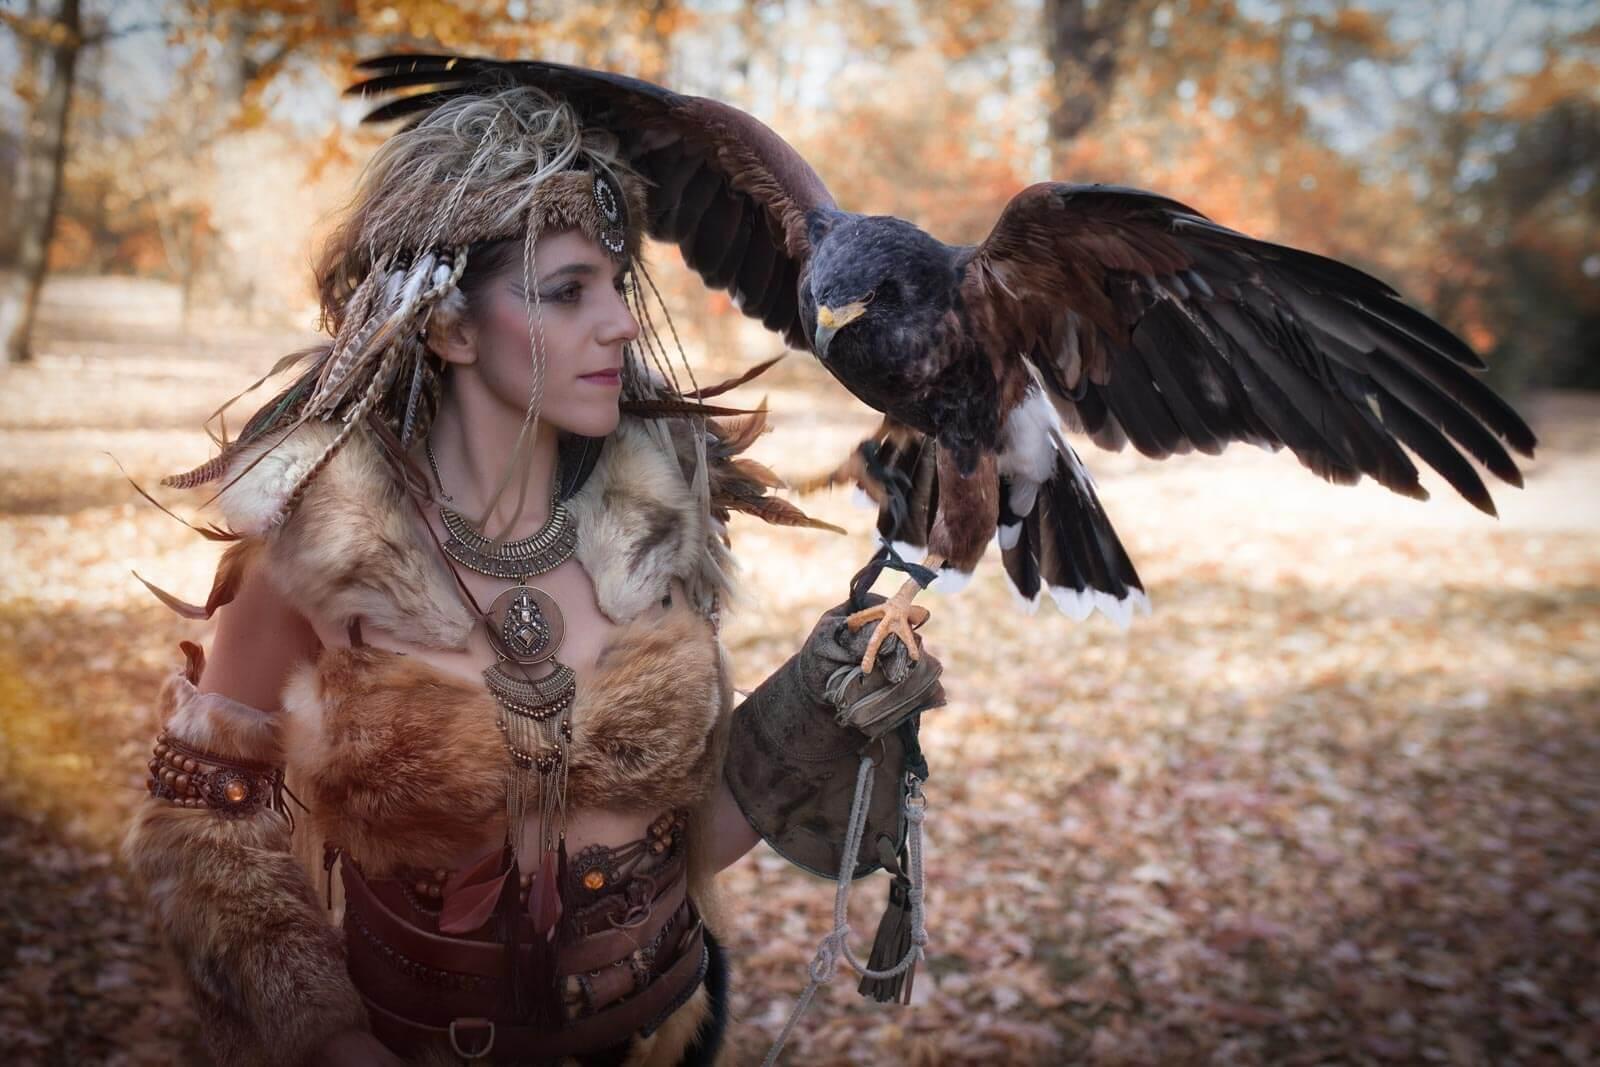 Fotostudio-Dresden-Fotograf-Shooting-Kostüm-Greifvogel-Tier-Natur-Styling-Make up